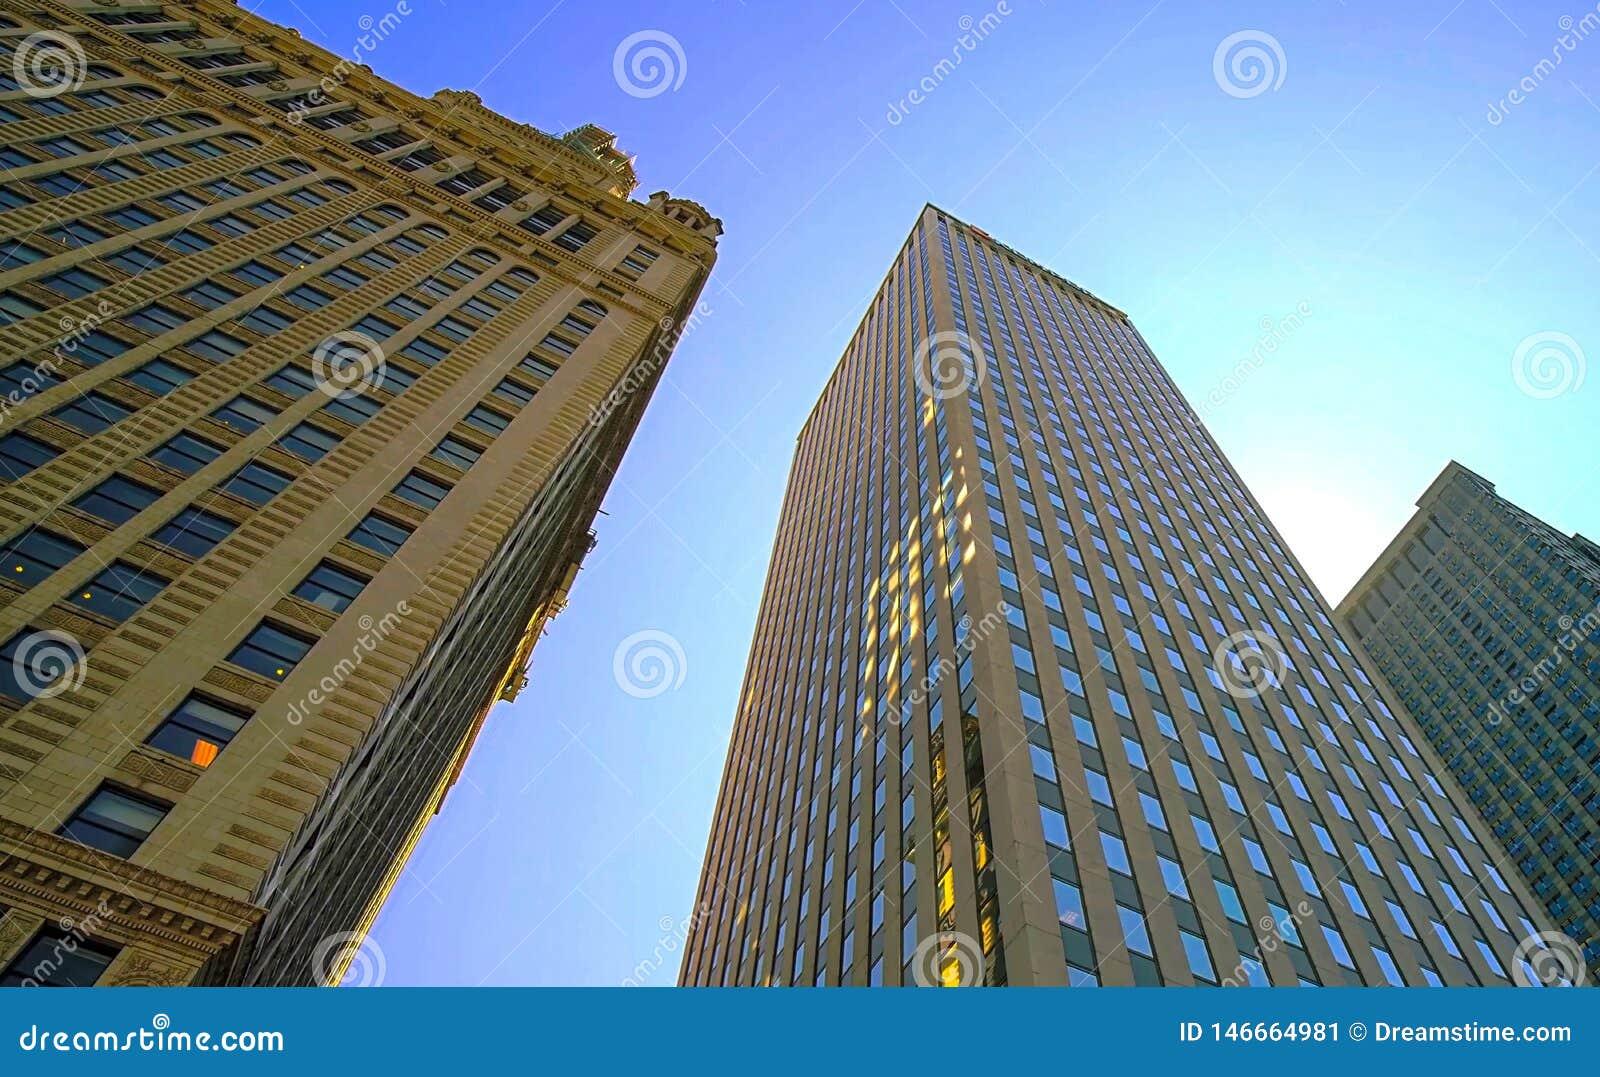 Bakgrund skyskrapor mot den blåa himlen